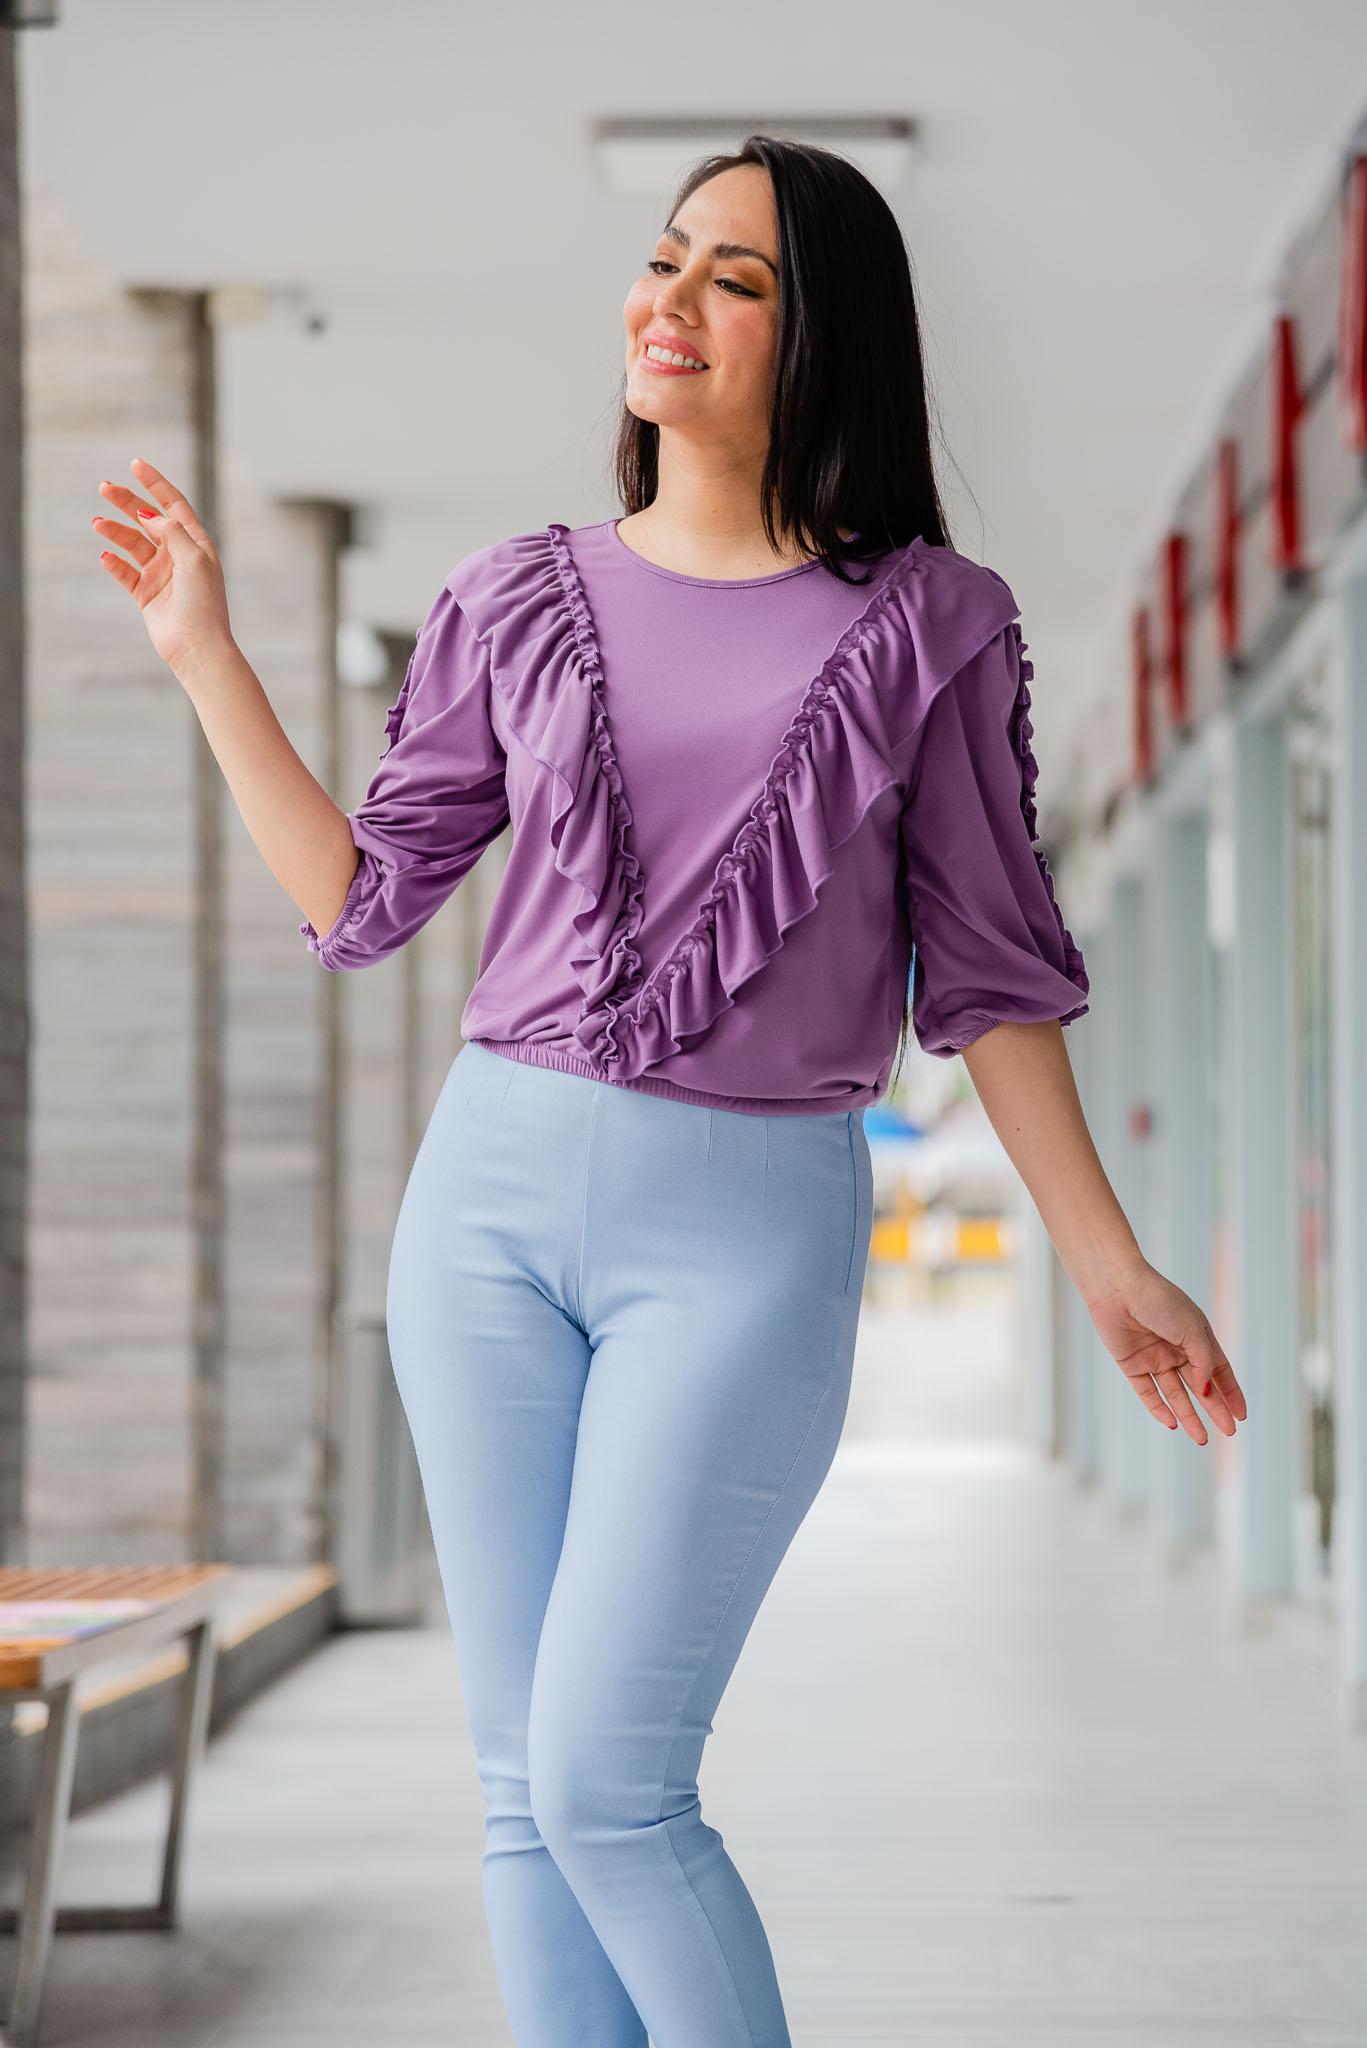 Blusa de tela Verna licrada  Cuello redondo con bobo en delantero y manga  Disponible en talla S M L  La modelo exhibela talla S